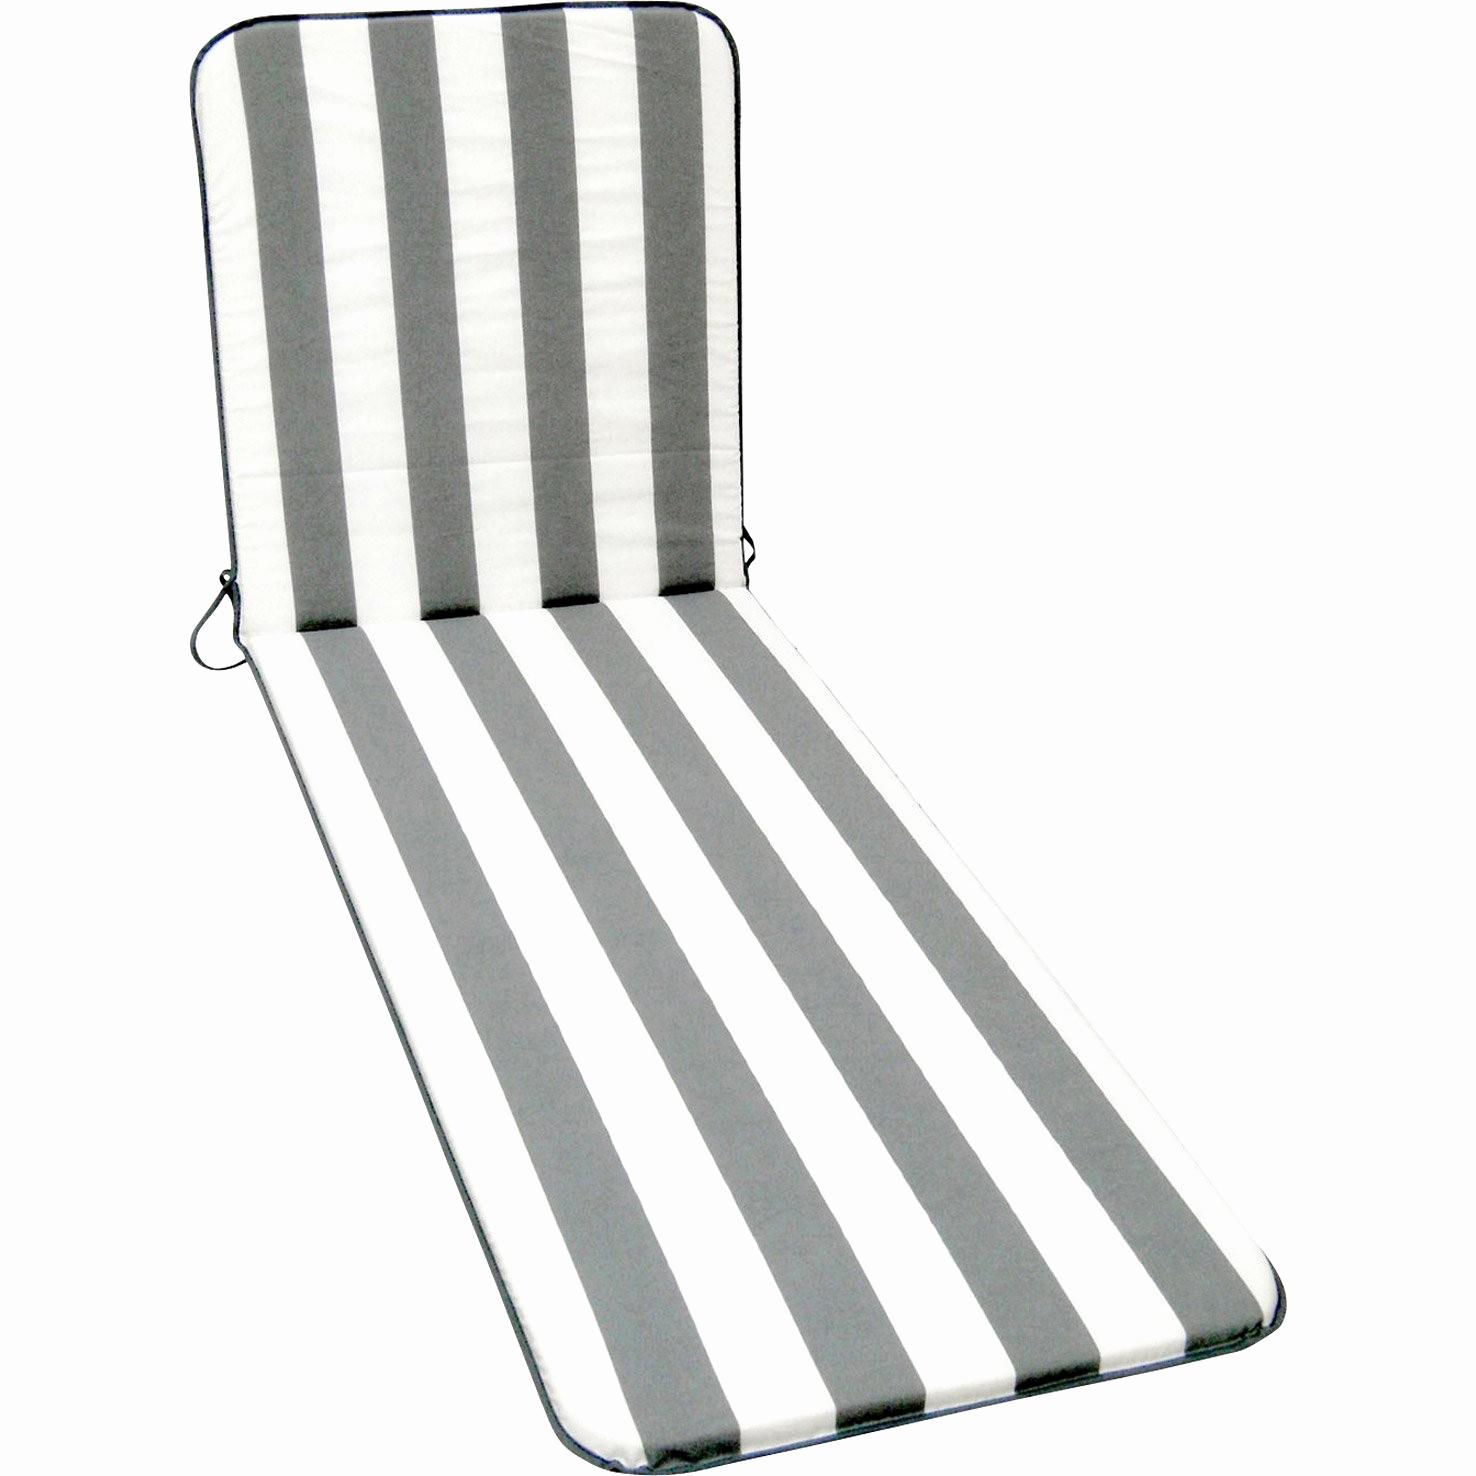 transat jardin pliable frais 16 luxe matelas chaise longue jardin of transat jardin pliable